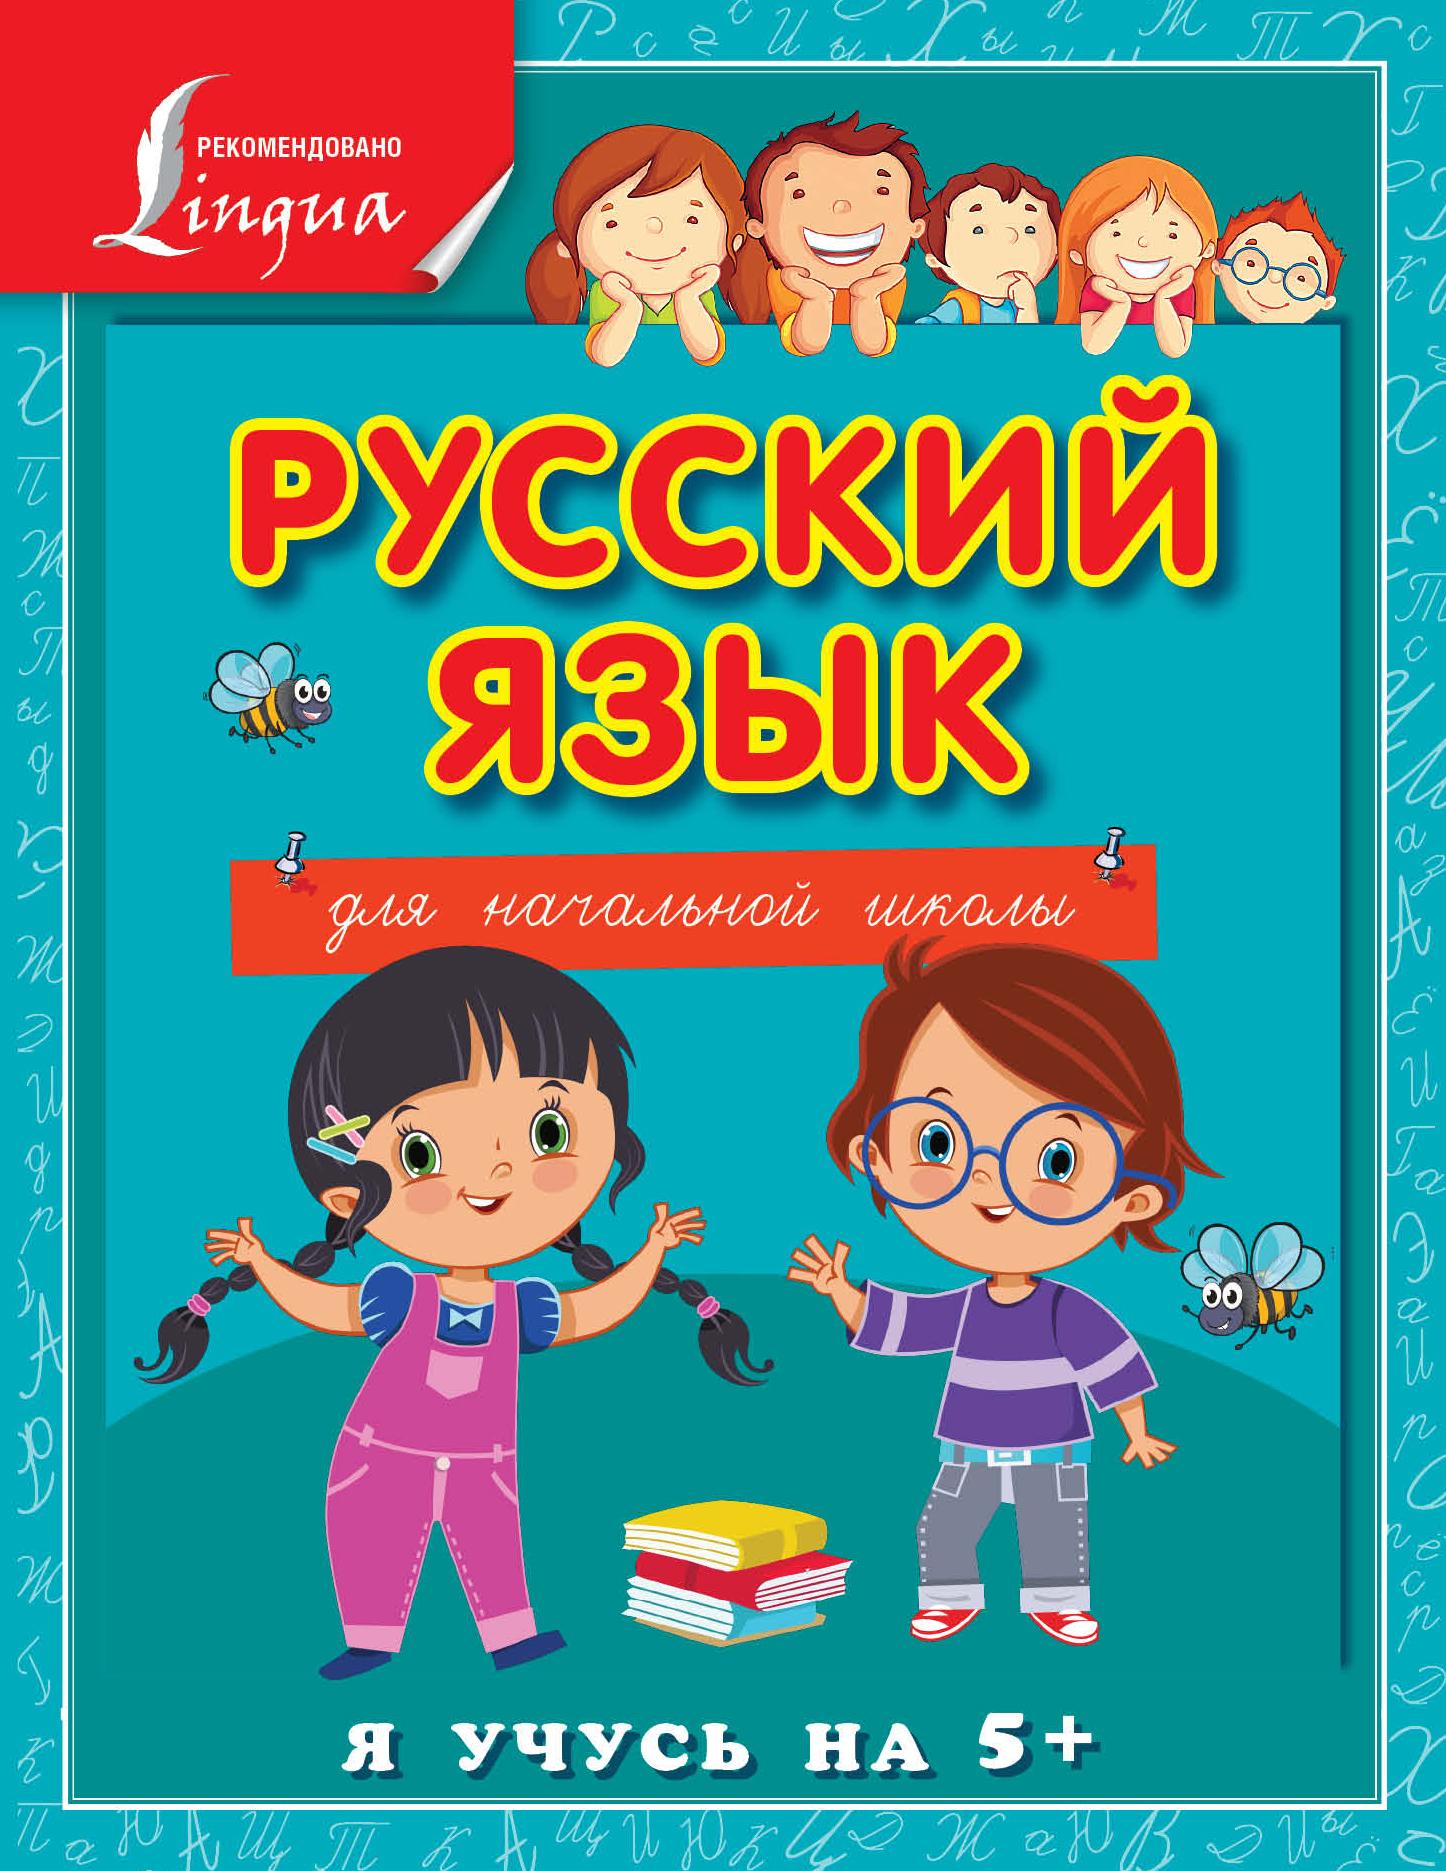 Матвеев С.А. Русский язык для начальной школы с а матвеев русский язык для начальной школы